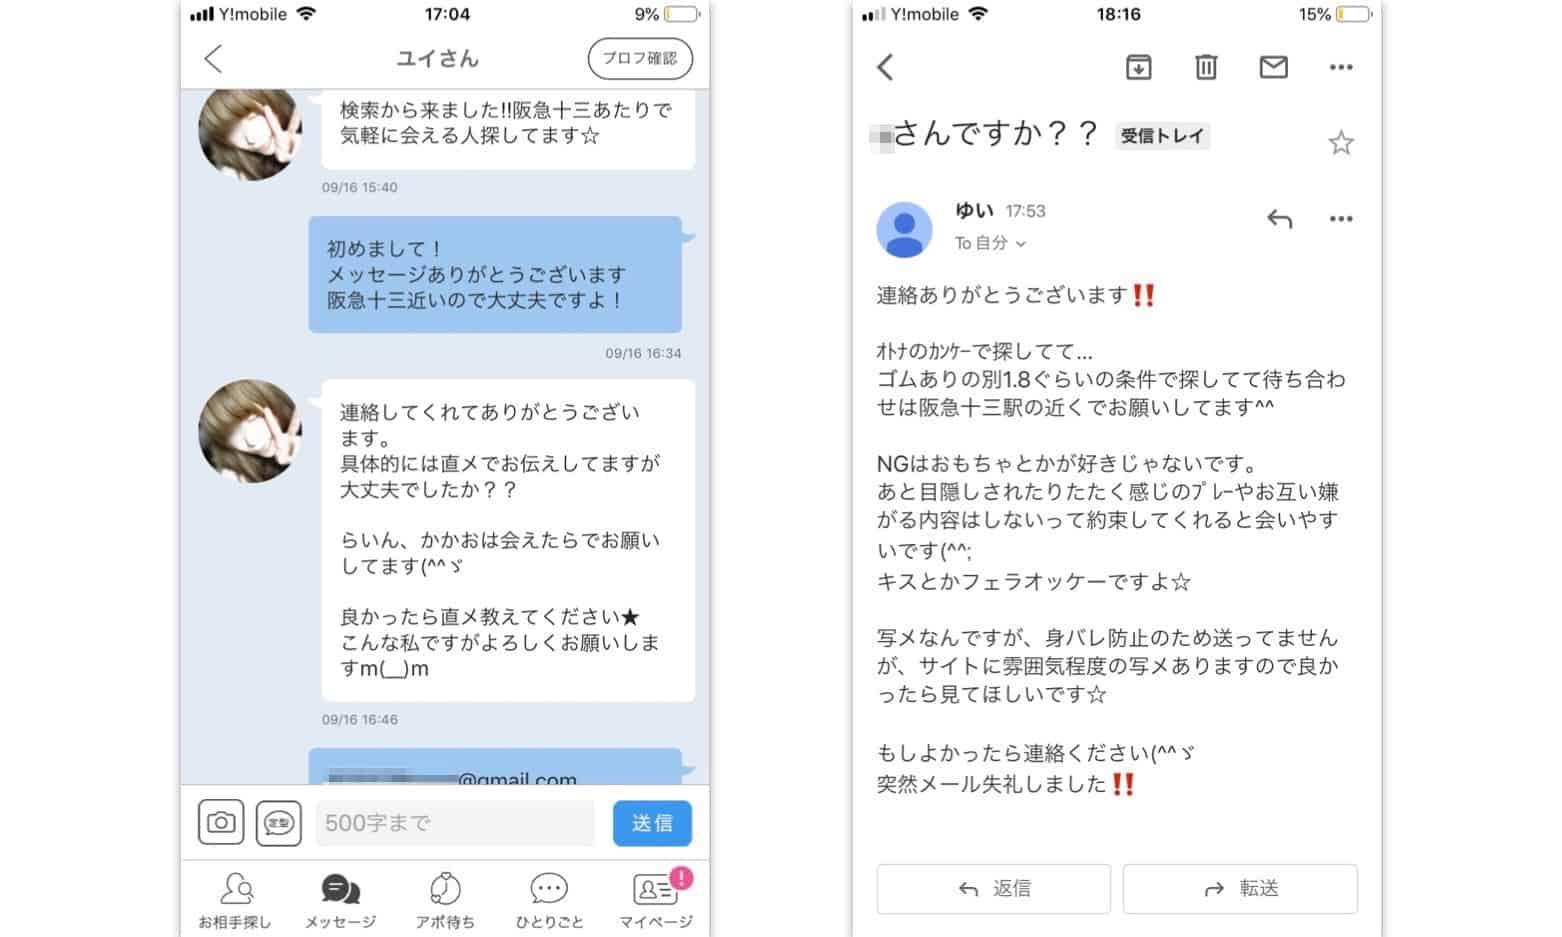 マッチングアプリメッセージスクリーンショット2